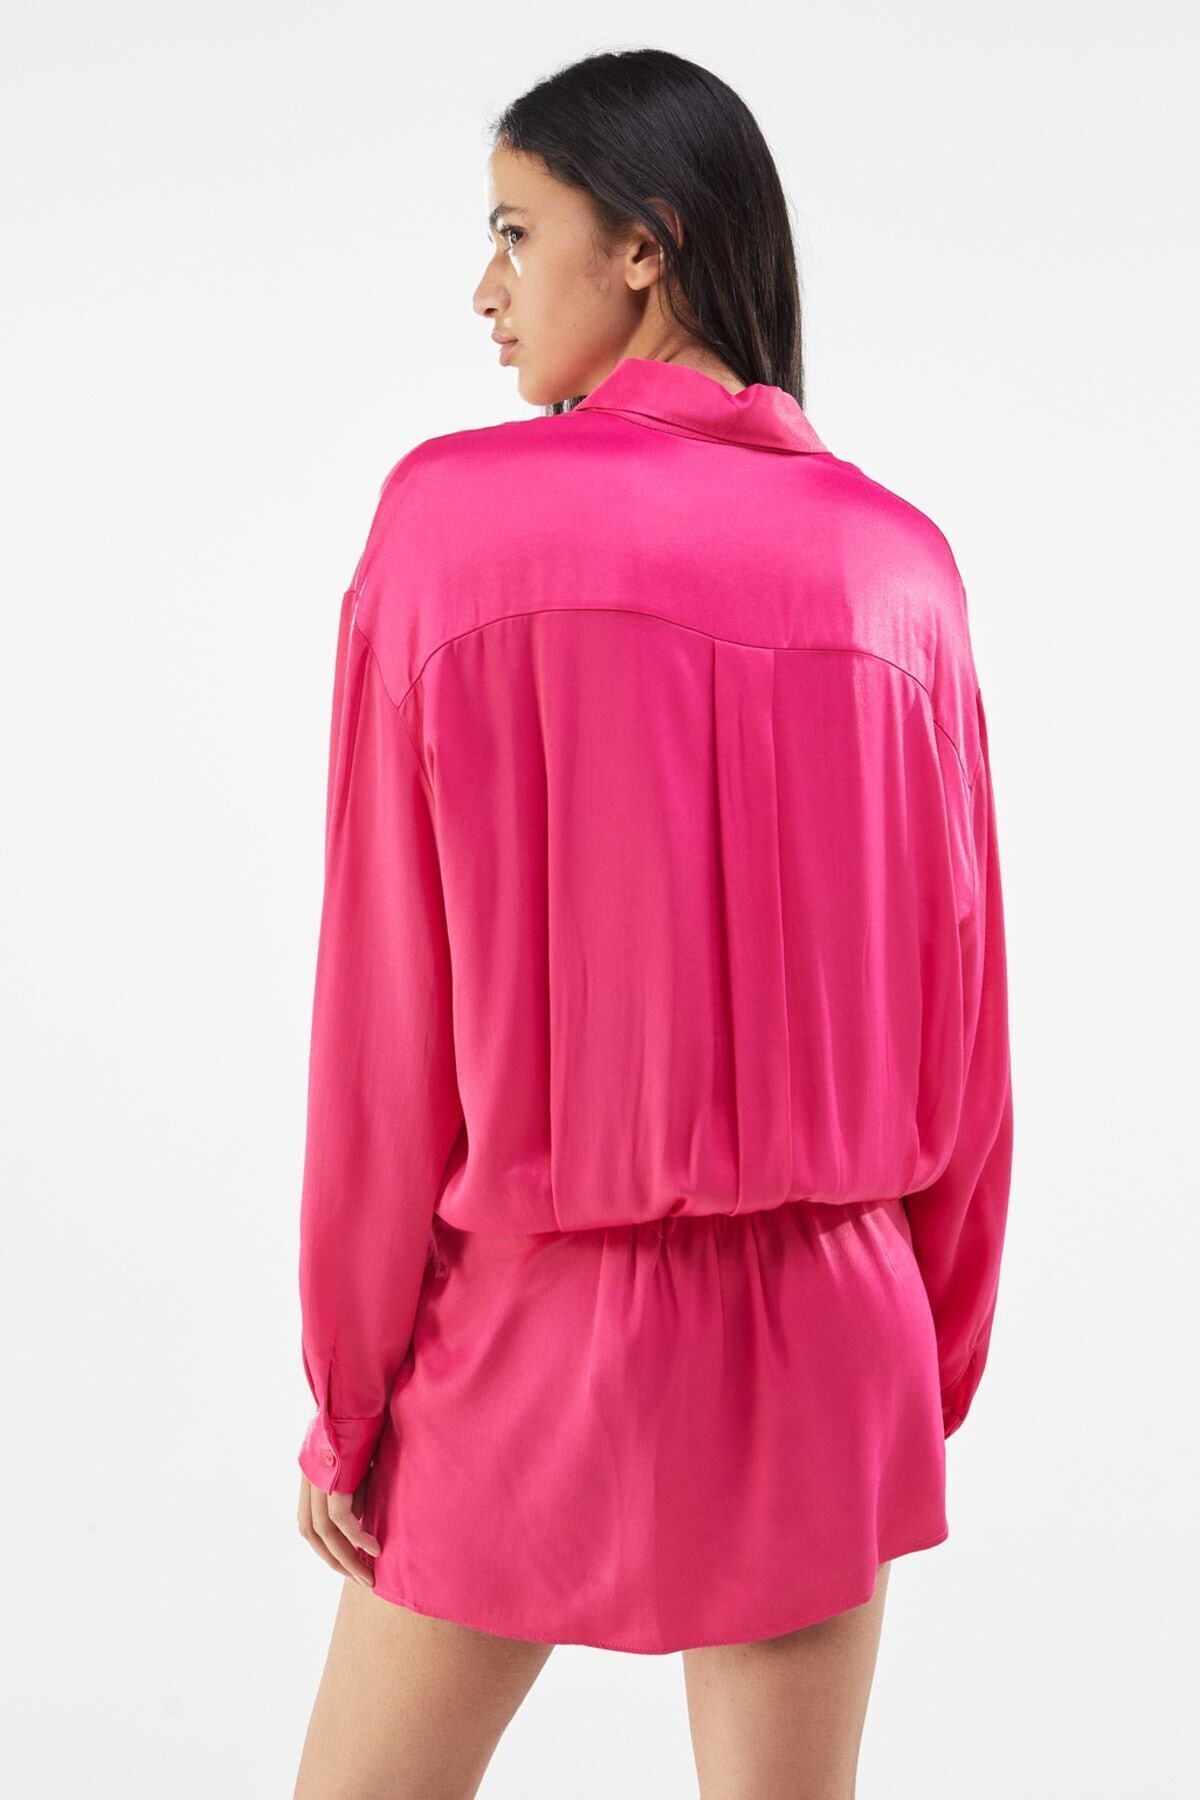 Bershka Kadın Fuşya Saten Gömlek Elbise 2